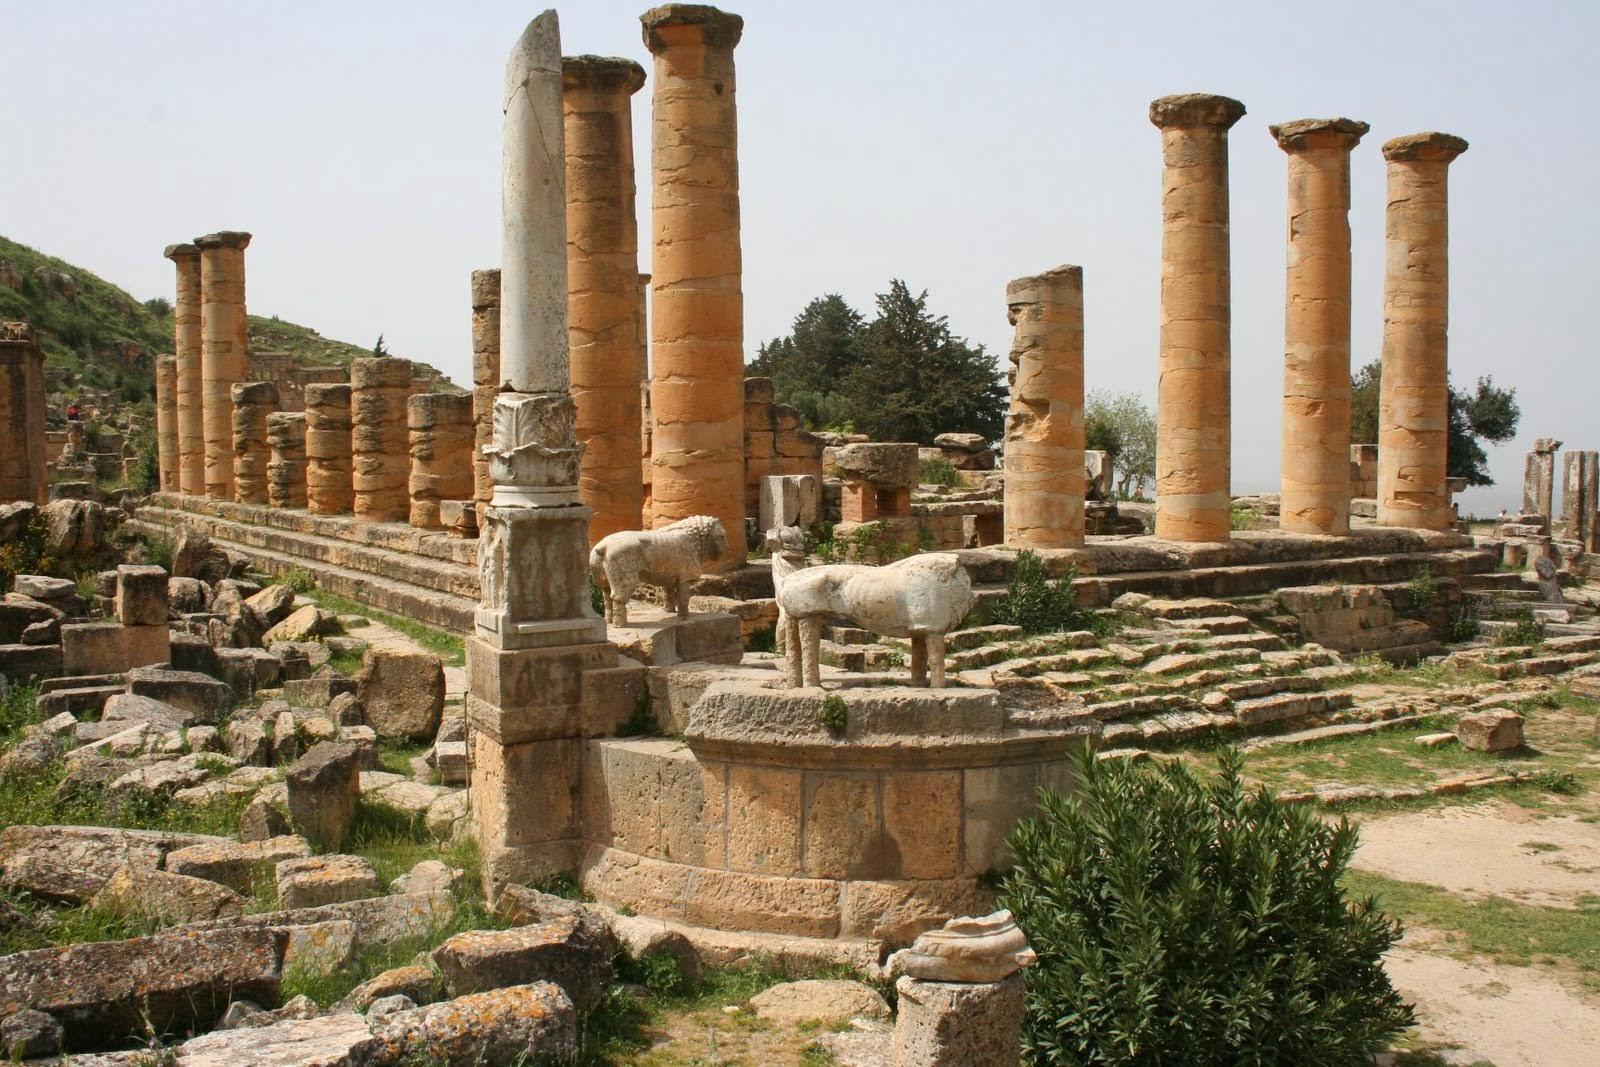 Ο Ναός του Απόλλωνος στην Λιβύη. (7ος αιώνας π.Χ.)